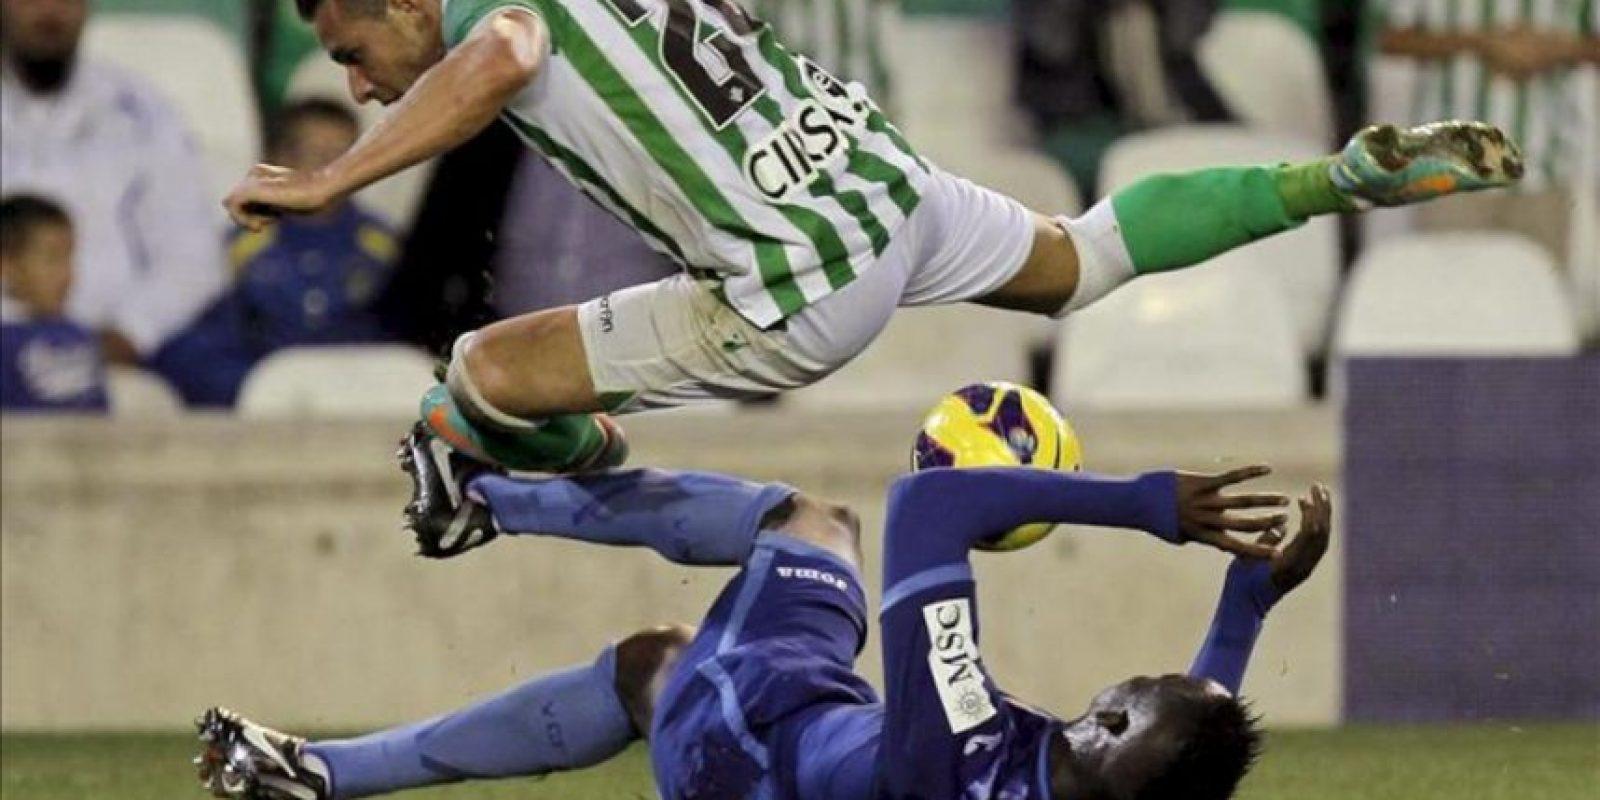 El delantero del Real Betis, Rubén Castro (i) lucha un balón con el defensa francés del Valencia Aly Cissokho (d), durante el partido de la novena jornada de Liga de Primera División disputado en el estadio Benito Villamarín de Sevilla. EFE